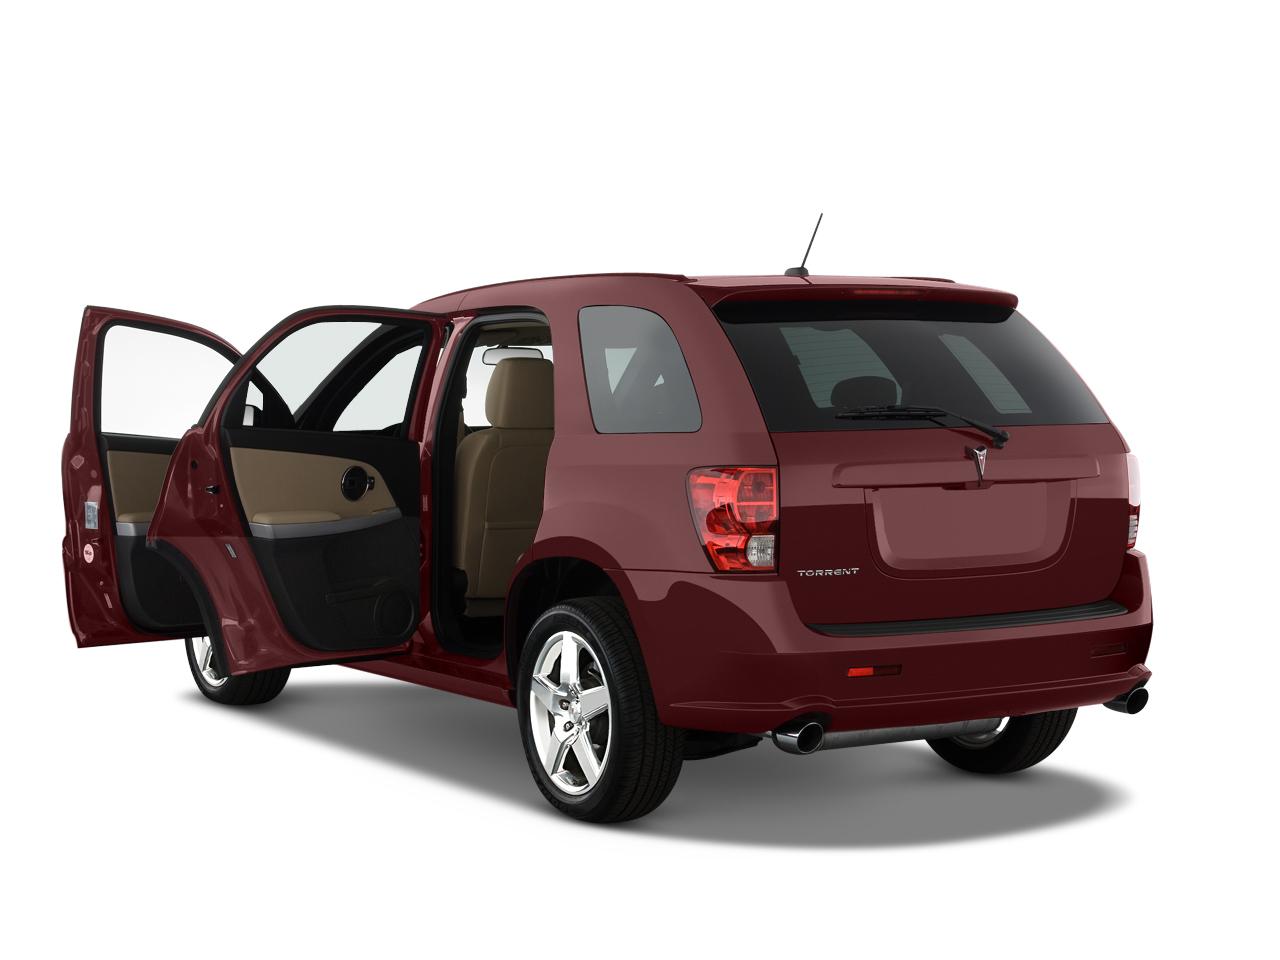 Pontiac Torrent 2005 - 2009 SUV 5 door #2